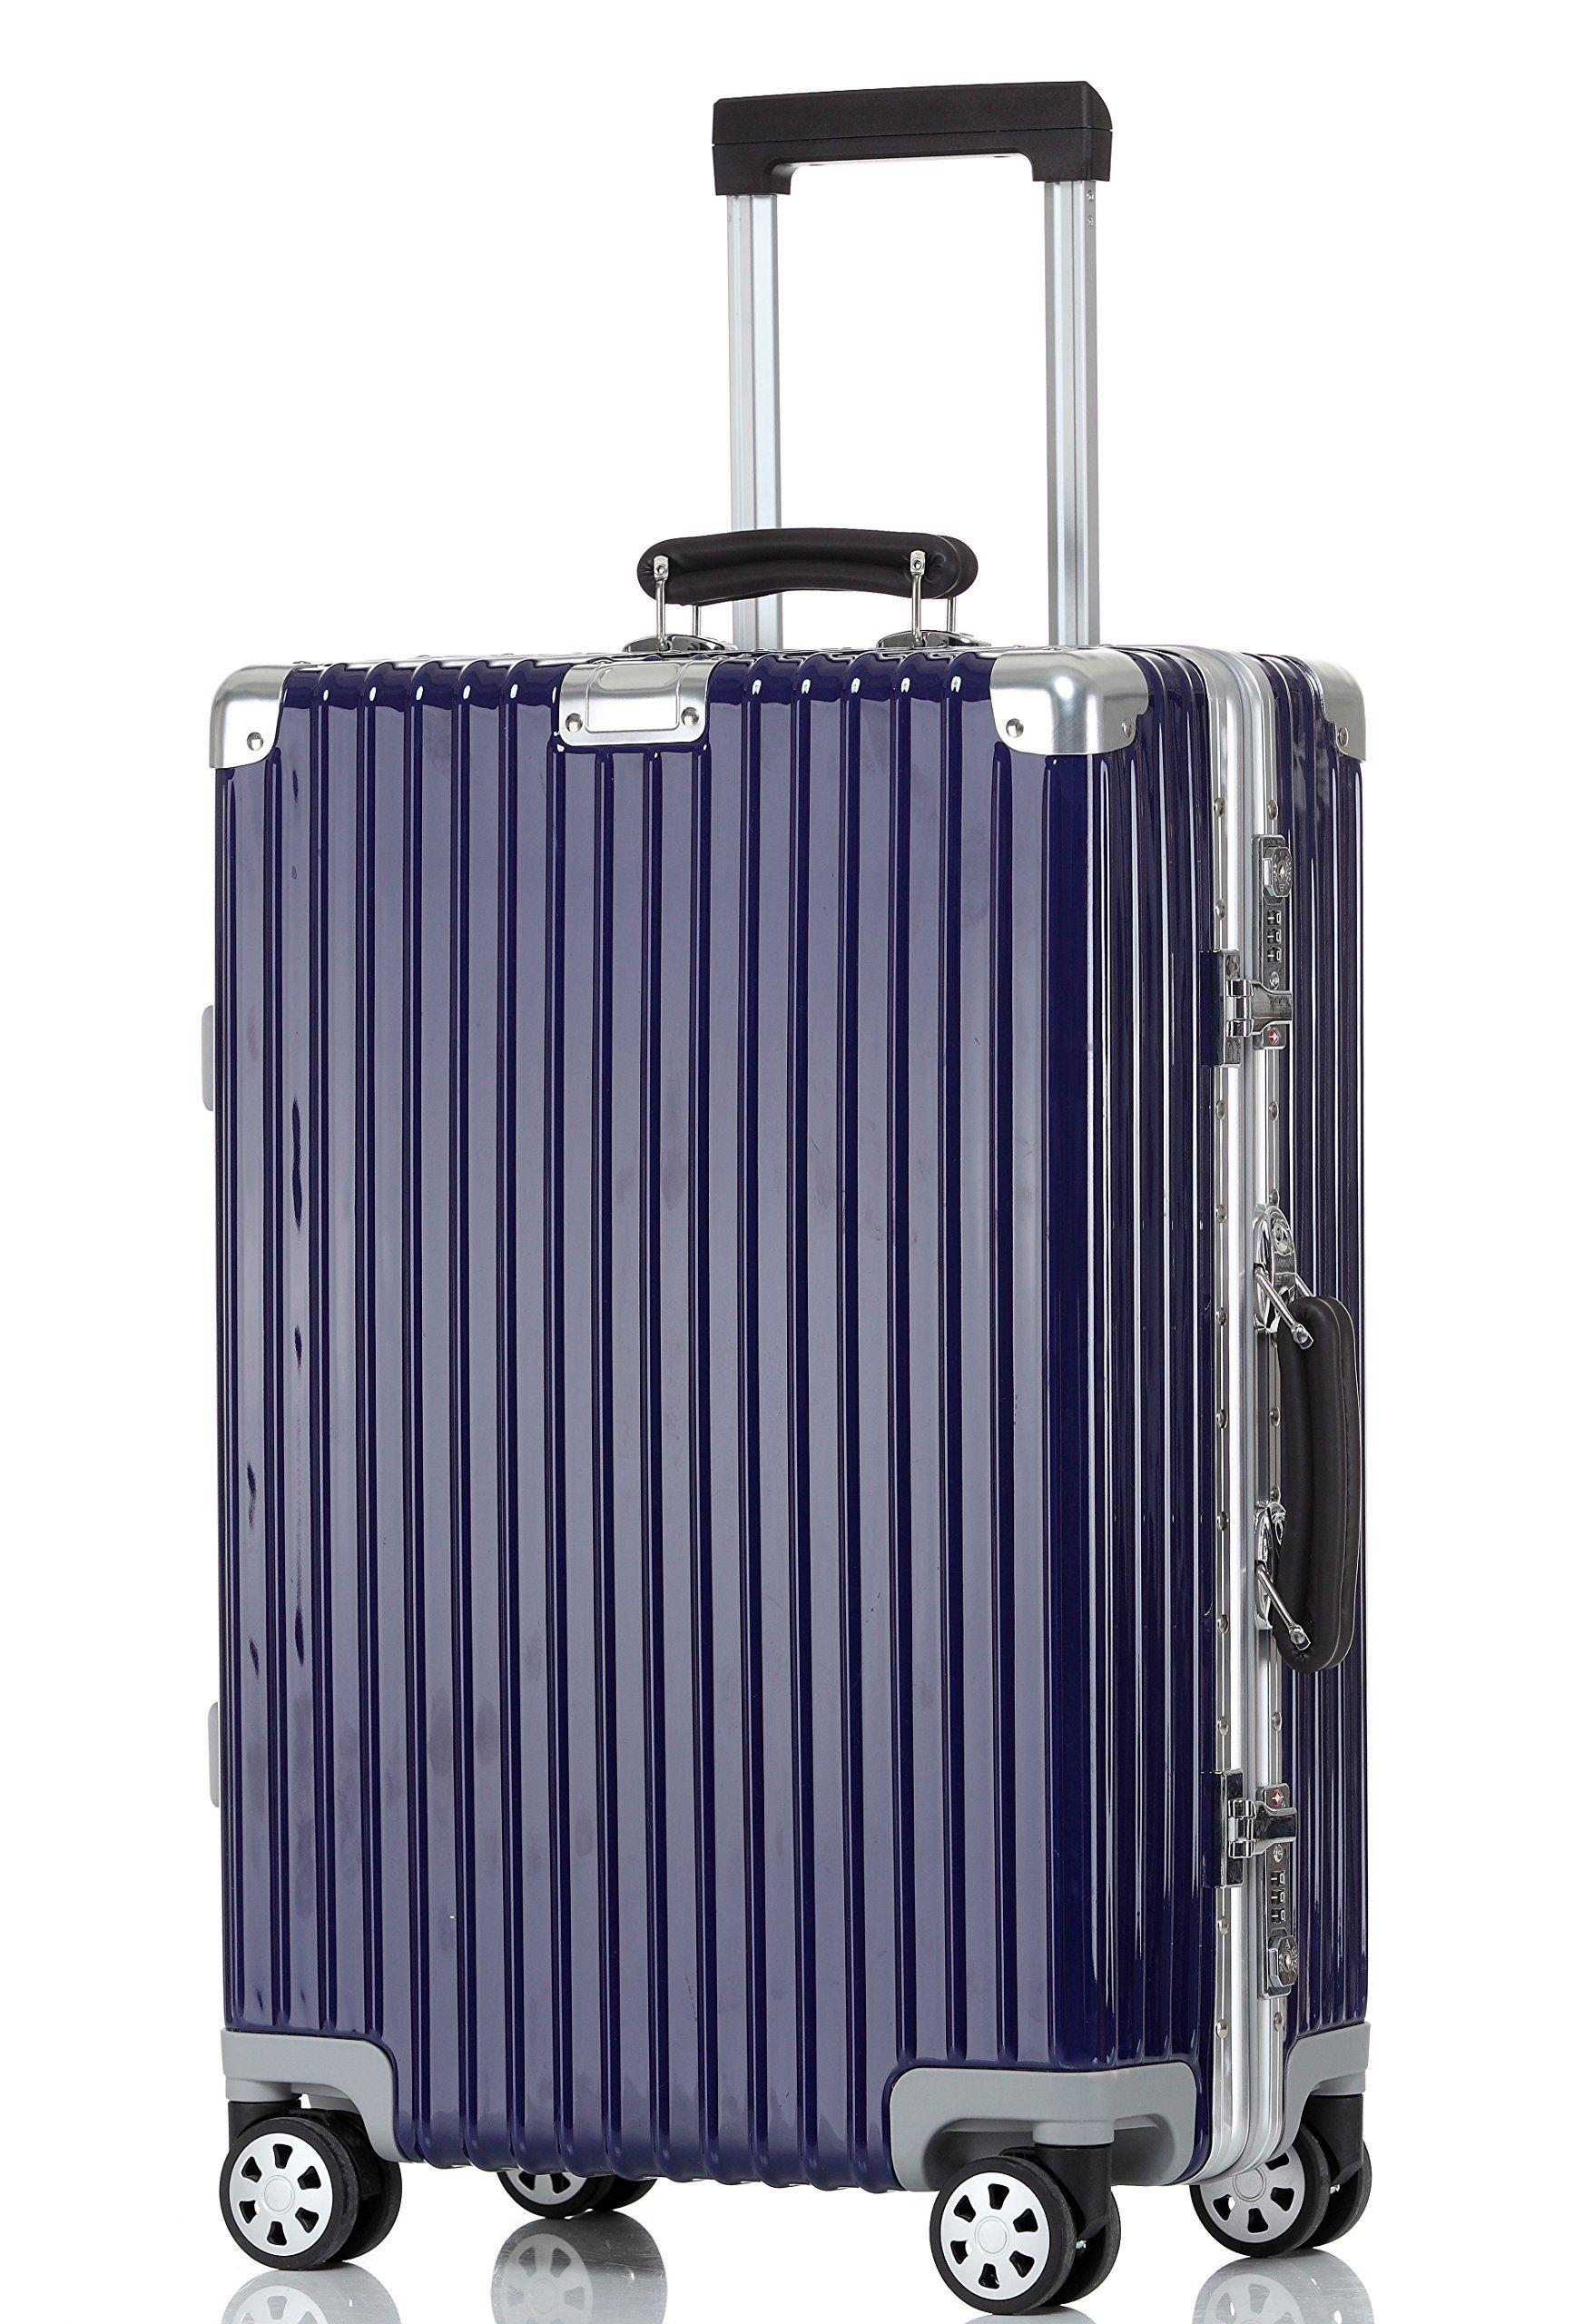 Choies Lightweight Luggage, Aluminum Frame Expandable Hardside ...